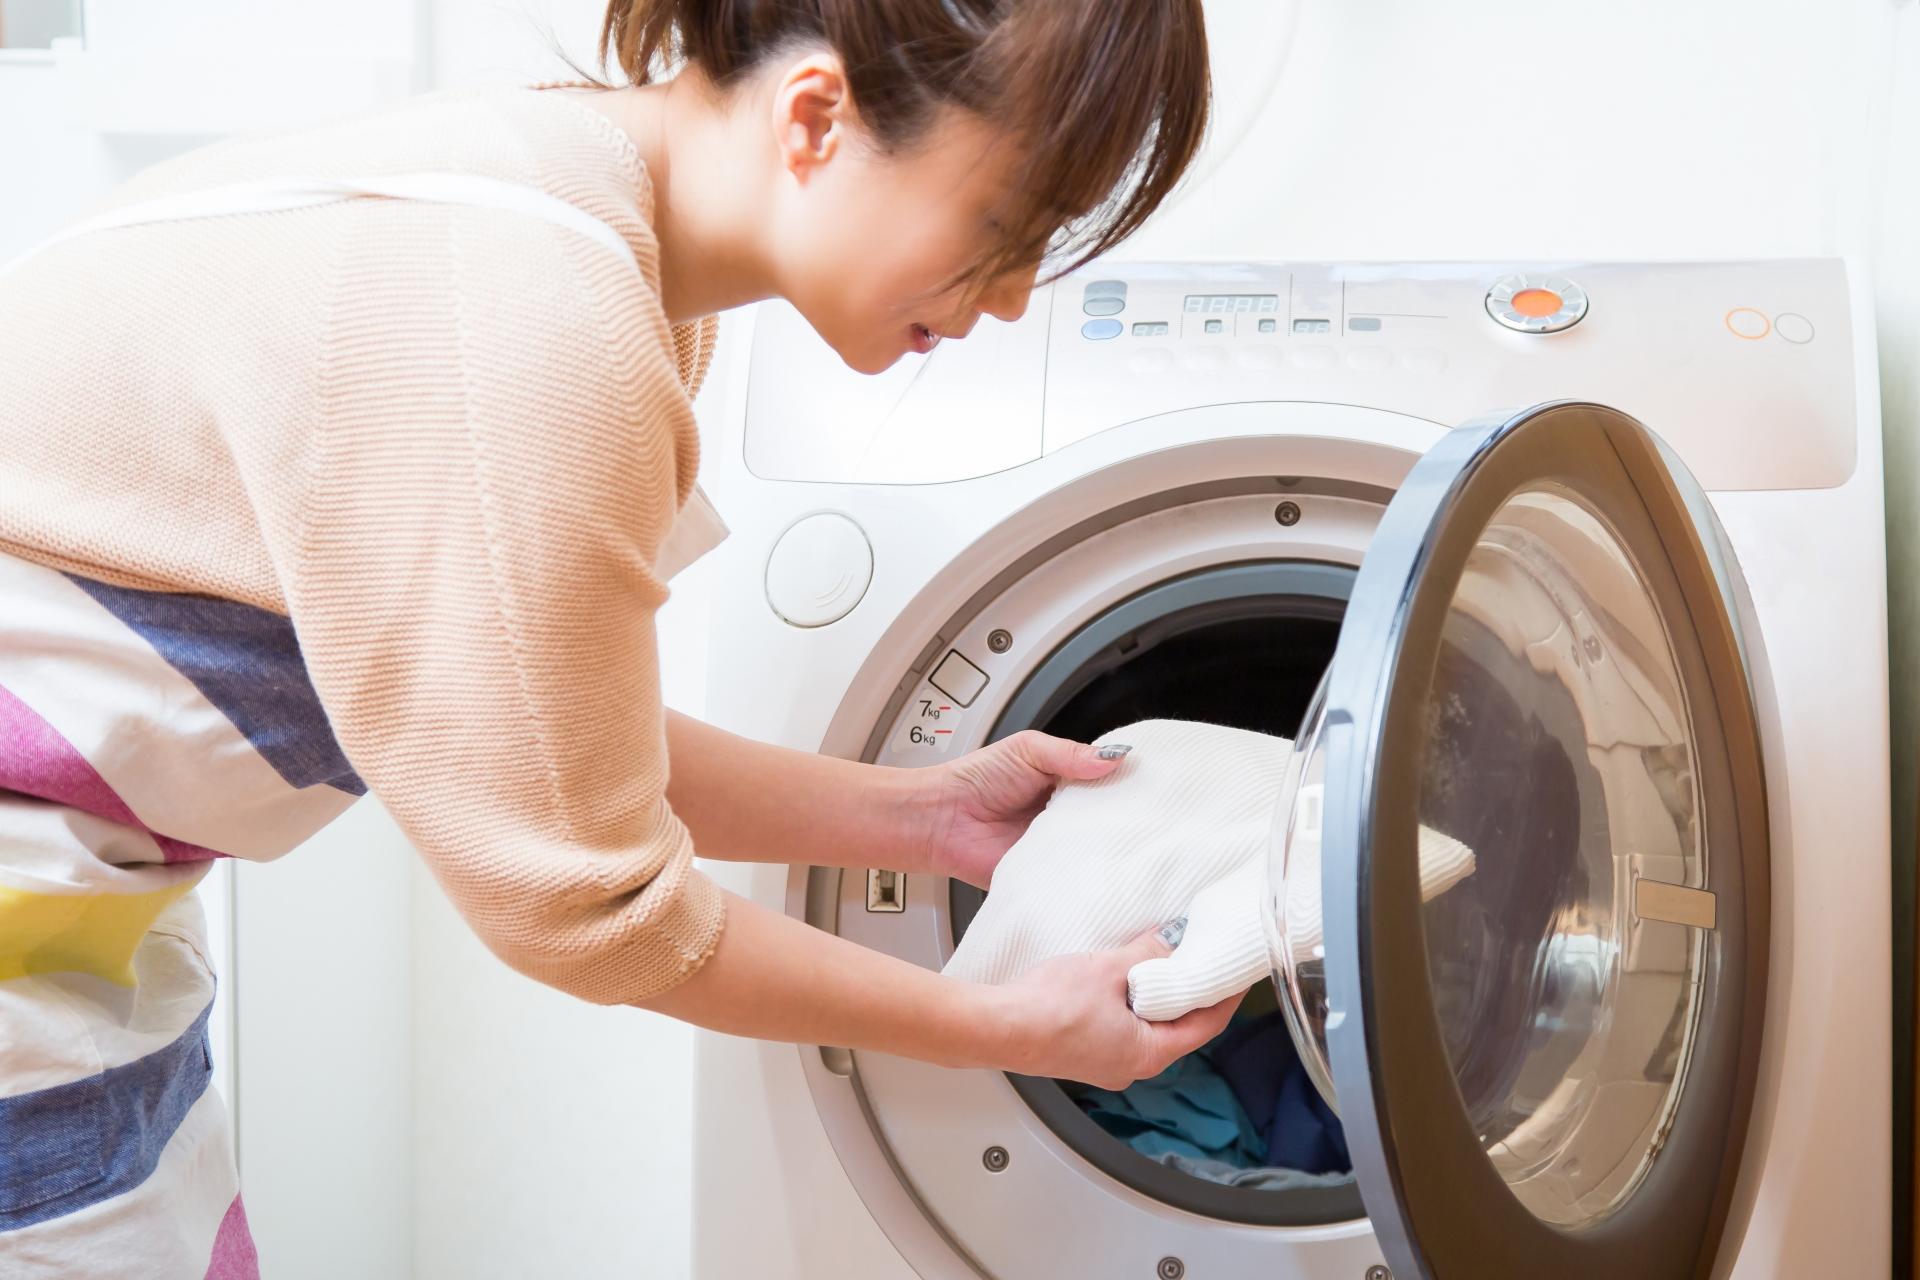 洗濯機の処分方法は6つ!家電リサイクル法を理解し正しく処分する方法